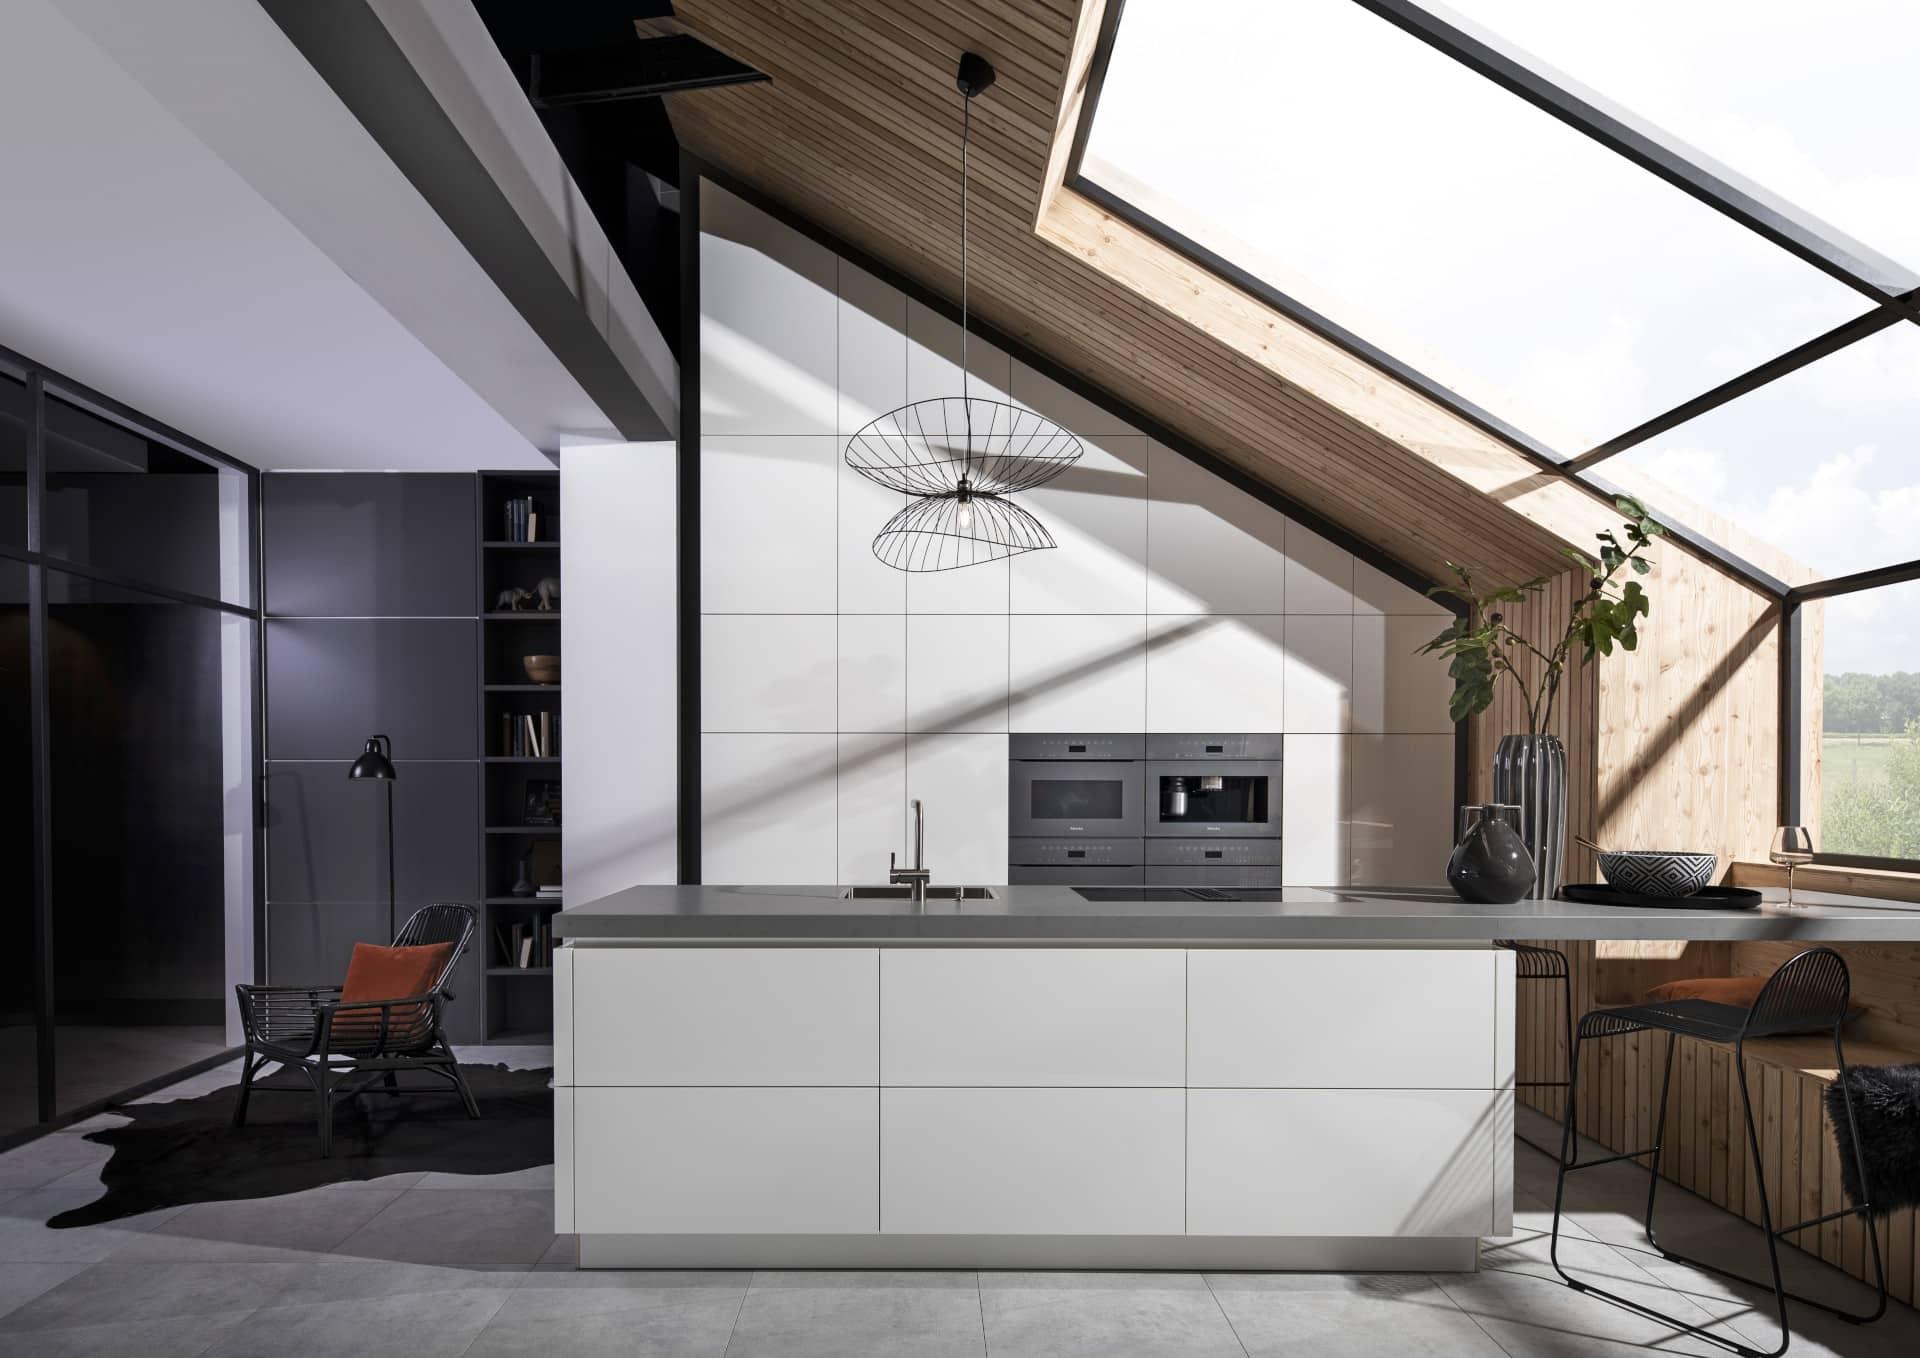 Hedendaags Hoogglans wit gelakte keuken   Keukencentrum Uniek in Hoogeveen DV-43